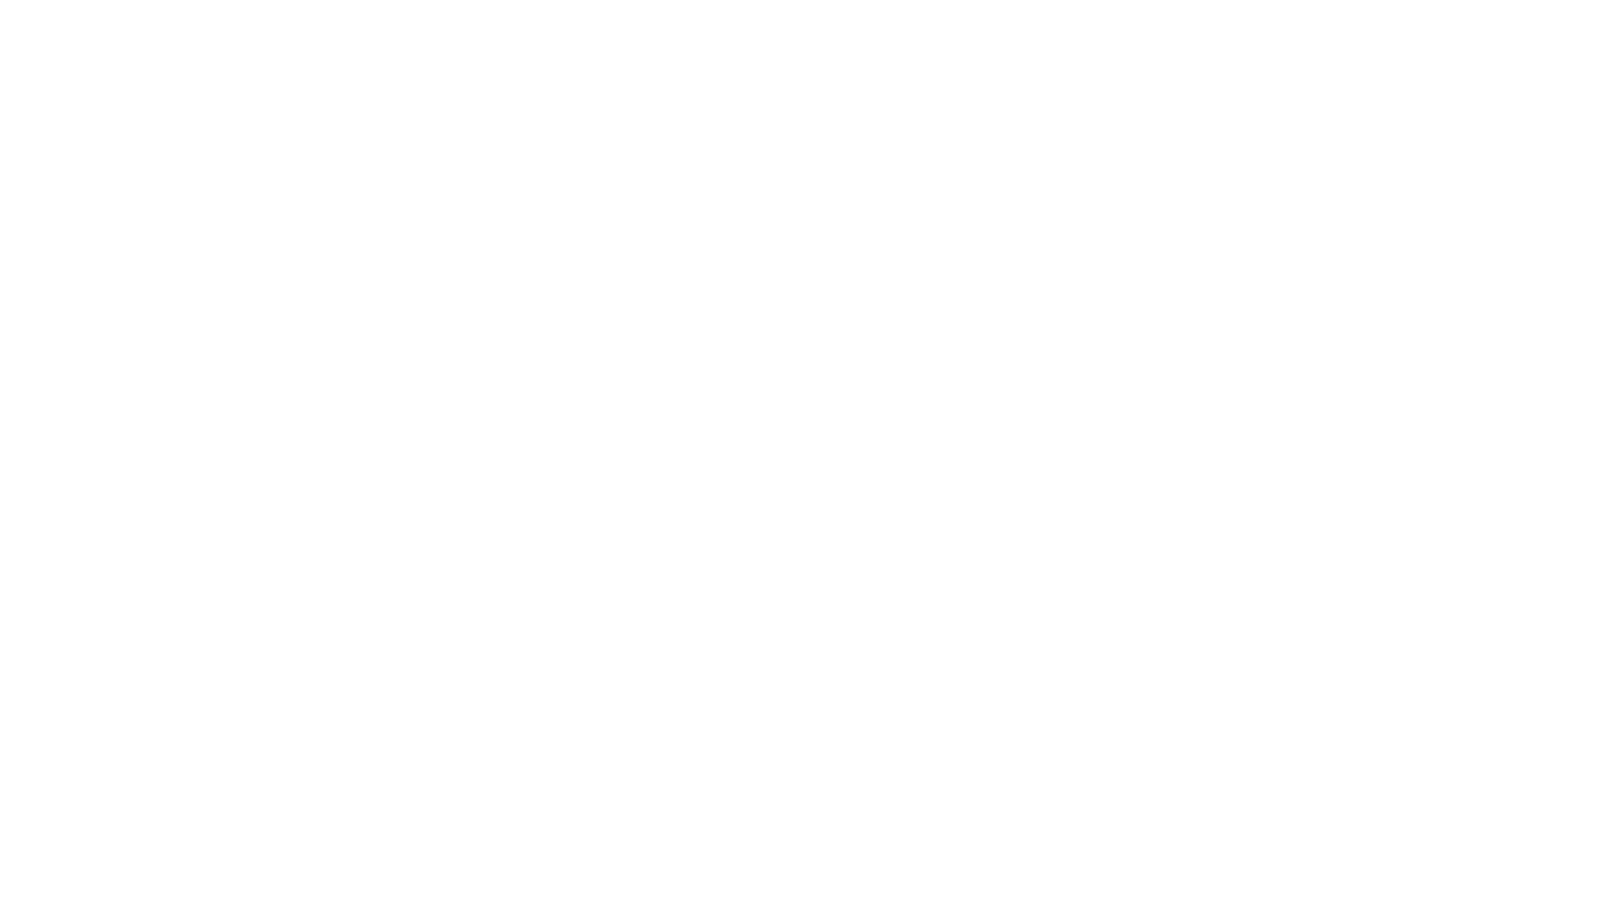 Les podcasts de l'Entre-Pont au 109 proposent d'ouvrir la face cachée du spectacle vivant à travers un échange avec les acteurs du cercle fermé de la création artistique. Des équipes entières sont interrogées et nous livrent les secrets d'un processus et les stratégies de développement à la création.   Après une résidence fragmentée en conséquence de la crise sanitaire, nous nous sommes entretenus avec Magali Revest, danseuse et chorégraphe, et Frédéric Pasquini, auteur et photographe, du Collectif Zootrope. Leur résidence accompagnée pour la création Rebirth Double Je# s'est déroulée du 2020 au 2021. La sortie de résidence a eu lieu le 03/05/2021, nous vous laissons ce podcast pour en savoir plus sur le processus de création et attiser votre curiosité.   Les écrans, l'image, les papiers administratifs, les disciplines artistiques croisées, La Zootropie, les liens entre les humains, des cartes marines, sont des notions évoquées dans ce podcast (le tout premier enregistré par Radio Entre-Pont..!).   Sur ce podcast :  Animation : Eva Félix  Participation : Magali Revest et Frédéric Pasquini  Crédit photo : Frédéric Pasquini  Crédit animation jingle : Lucas Angileri   Suivez l'Entre-Pont sur:  Site Internet : http://www.entrepont.net/  Facebook : https://m.facebook.com/lentrepont/  Instagram : https://www.instragram.com/lentrepont/  Twitter : https://twitter.com/entre_pont?s=21   Suivez le Collectif Zootrope sur :  Site Internet : https://www.zootrope.org/qui-sommes-nous/  Facebook : https://www.facebook.com/Zootrope-478246318889146